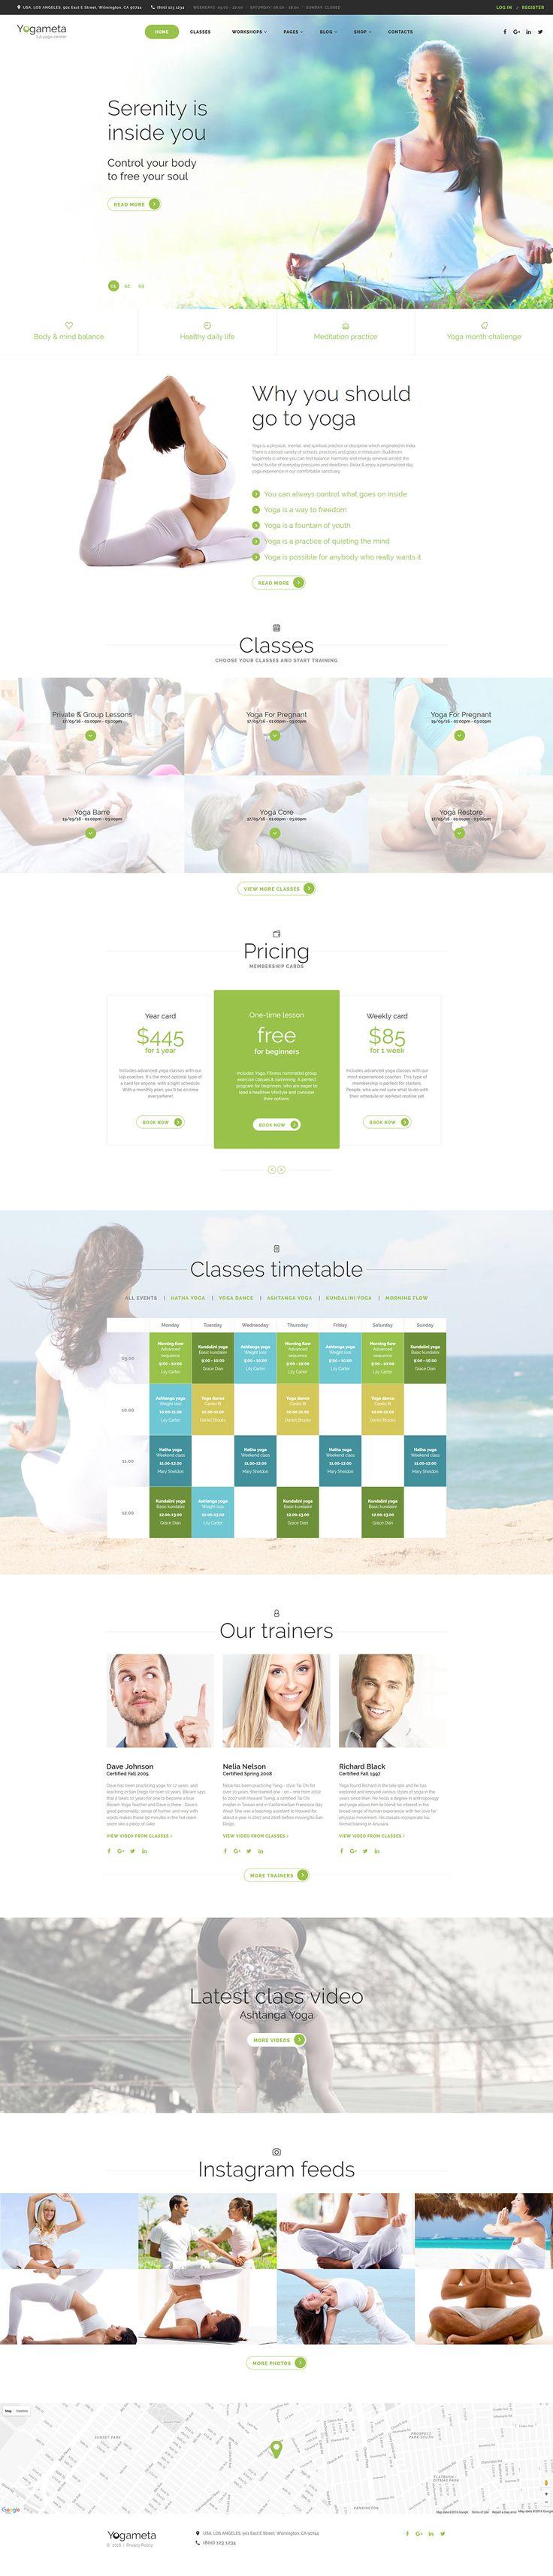 Mejores 18 imágenes de yoga en Pinterest | Diseños de sitios web ...